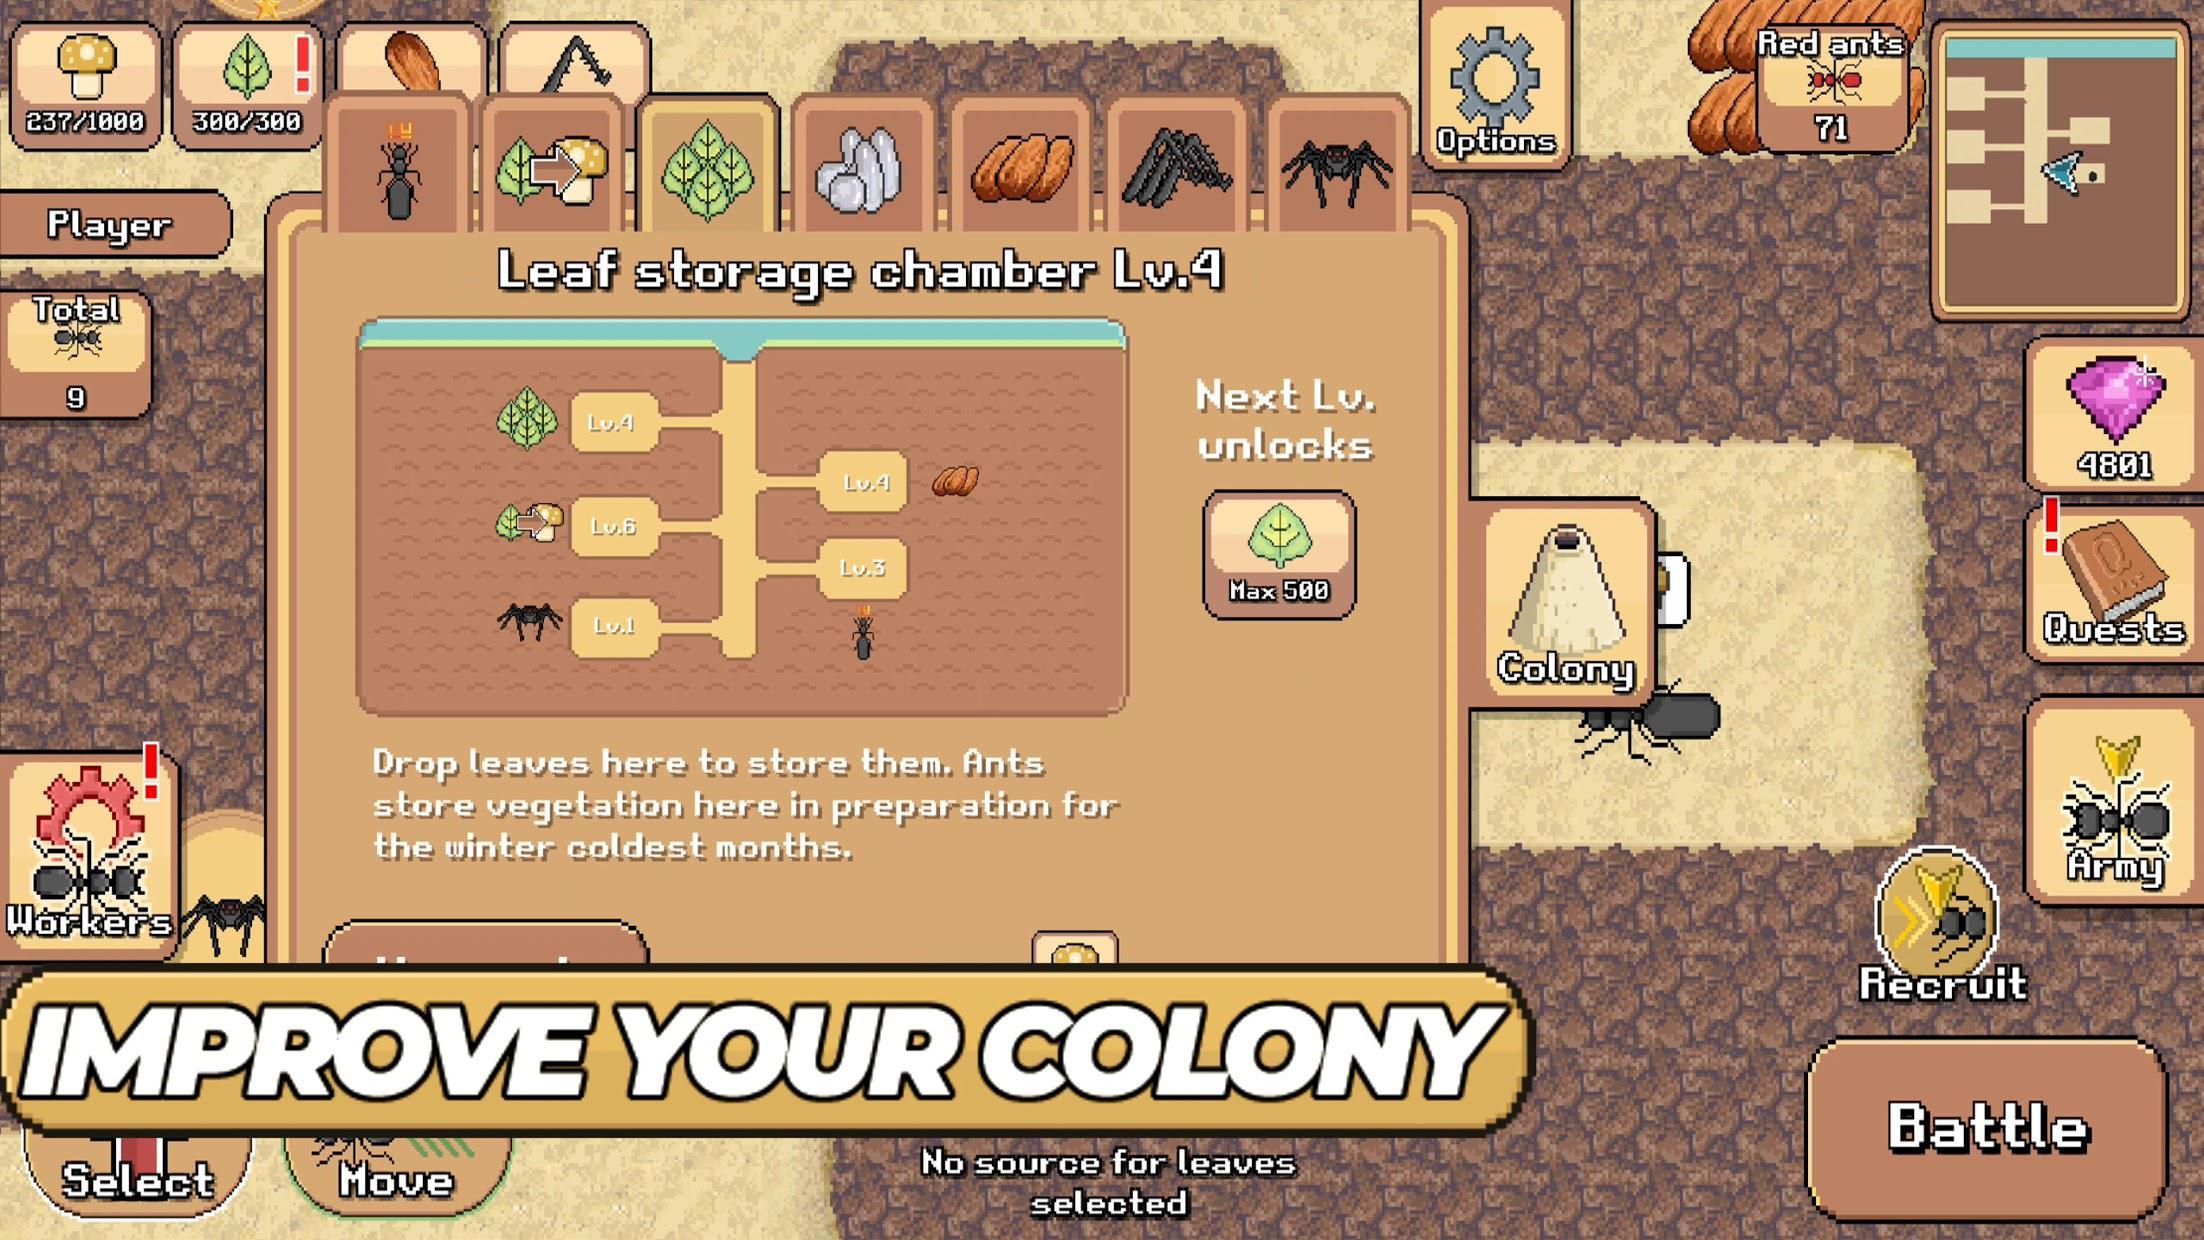 模拟蚂蚁 游戏截图2